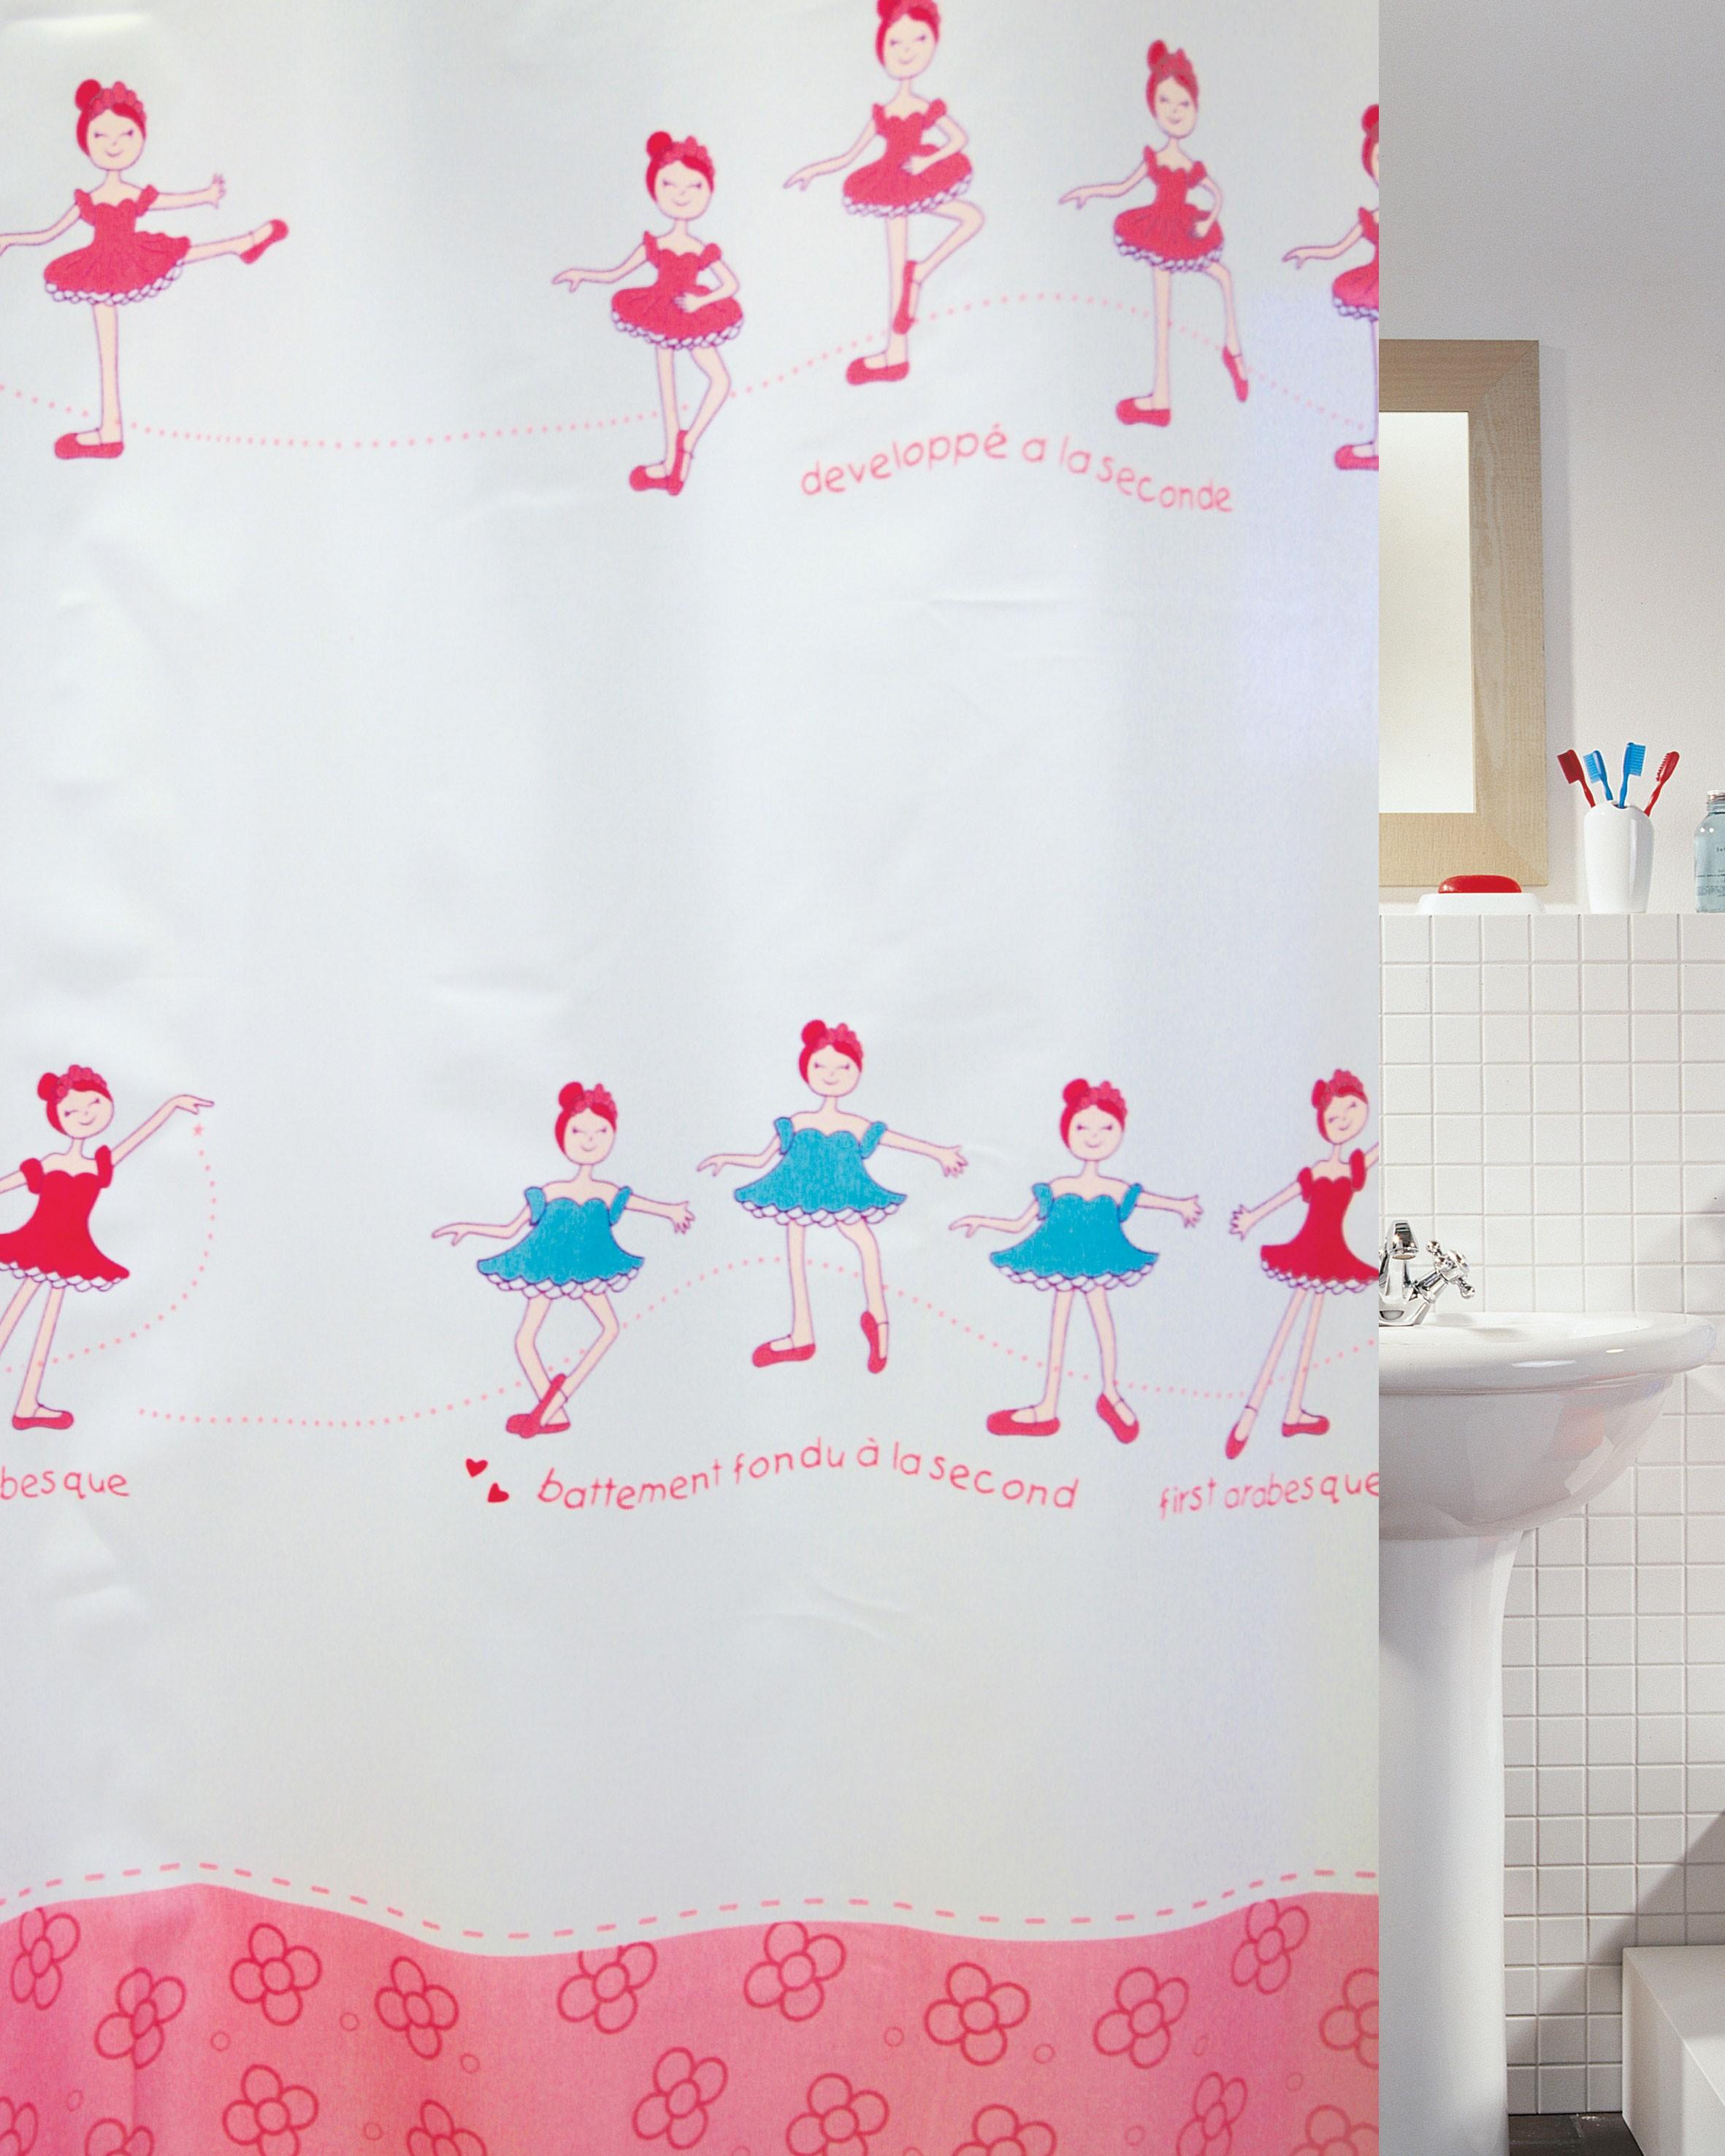 Κουρτίνα Μπάνιου Υφασμάτινη Happy Flower 180x200cm home   ειδη μπανιου   κουρτίνες μπάνιου